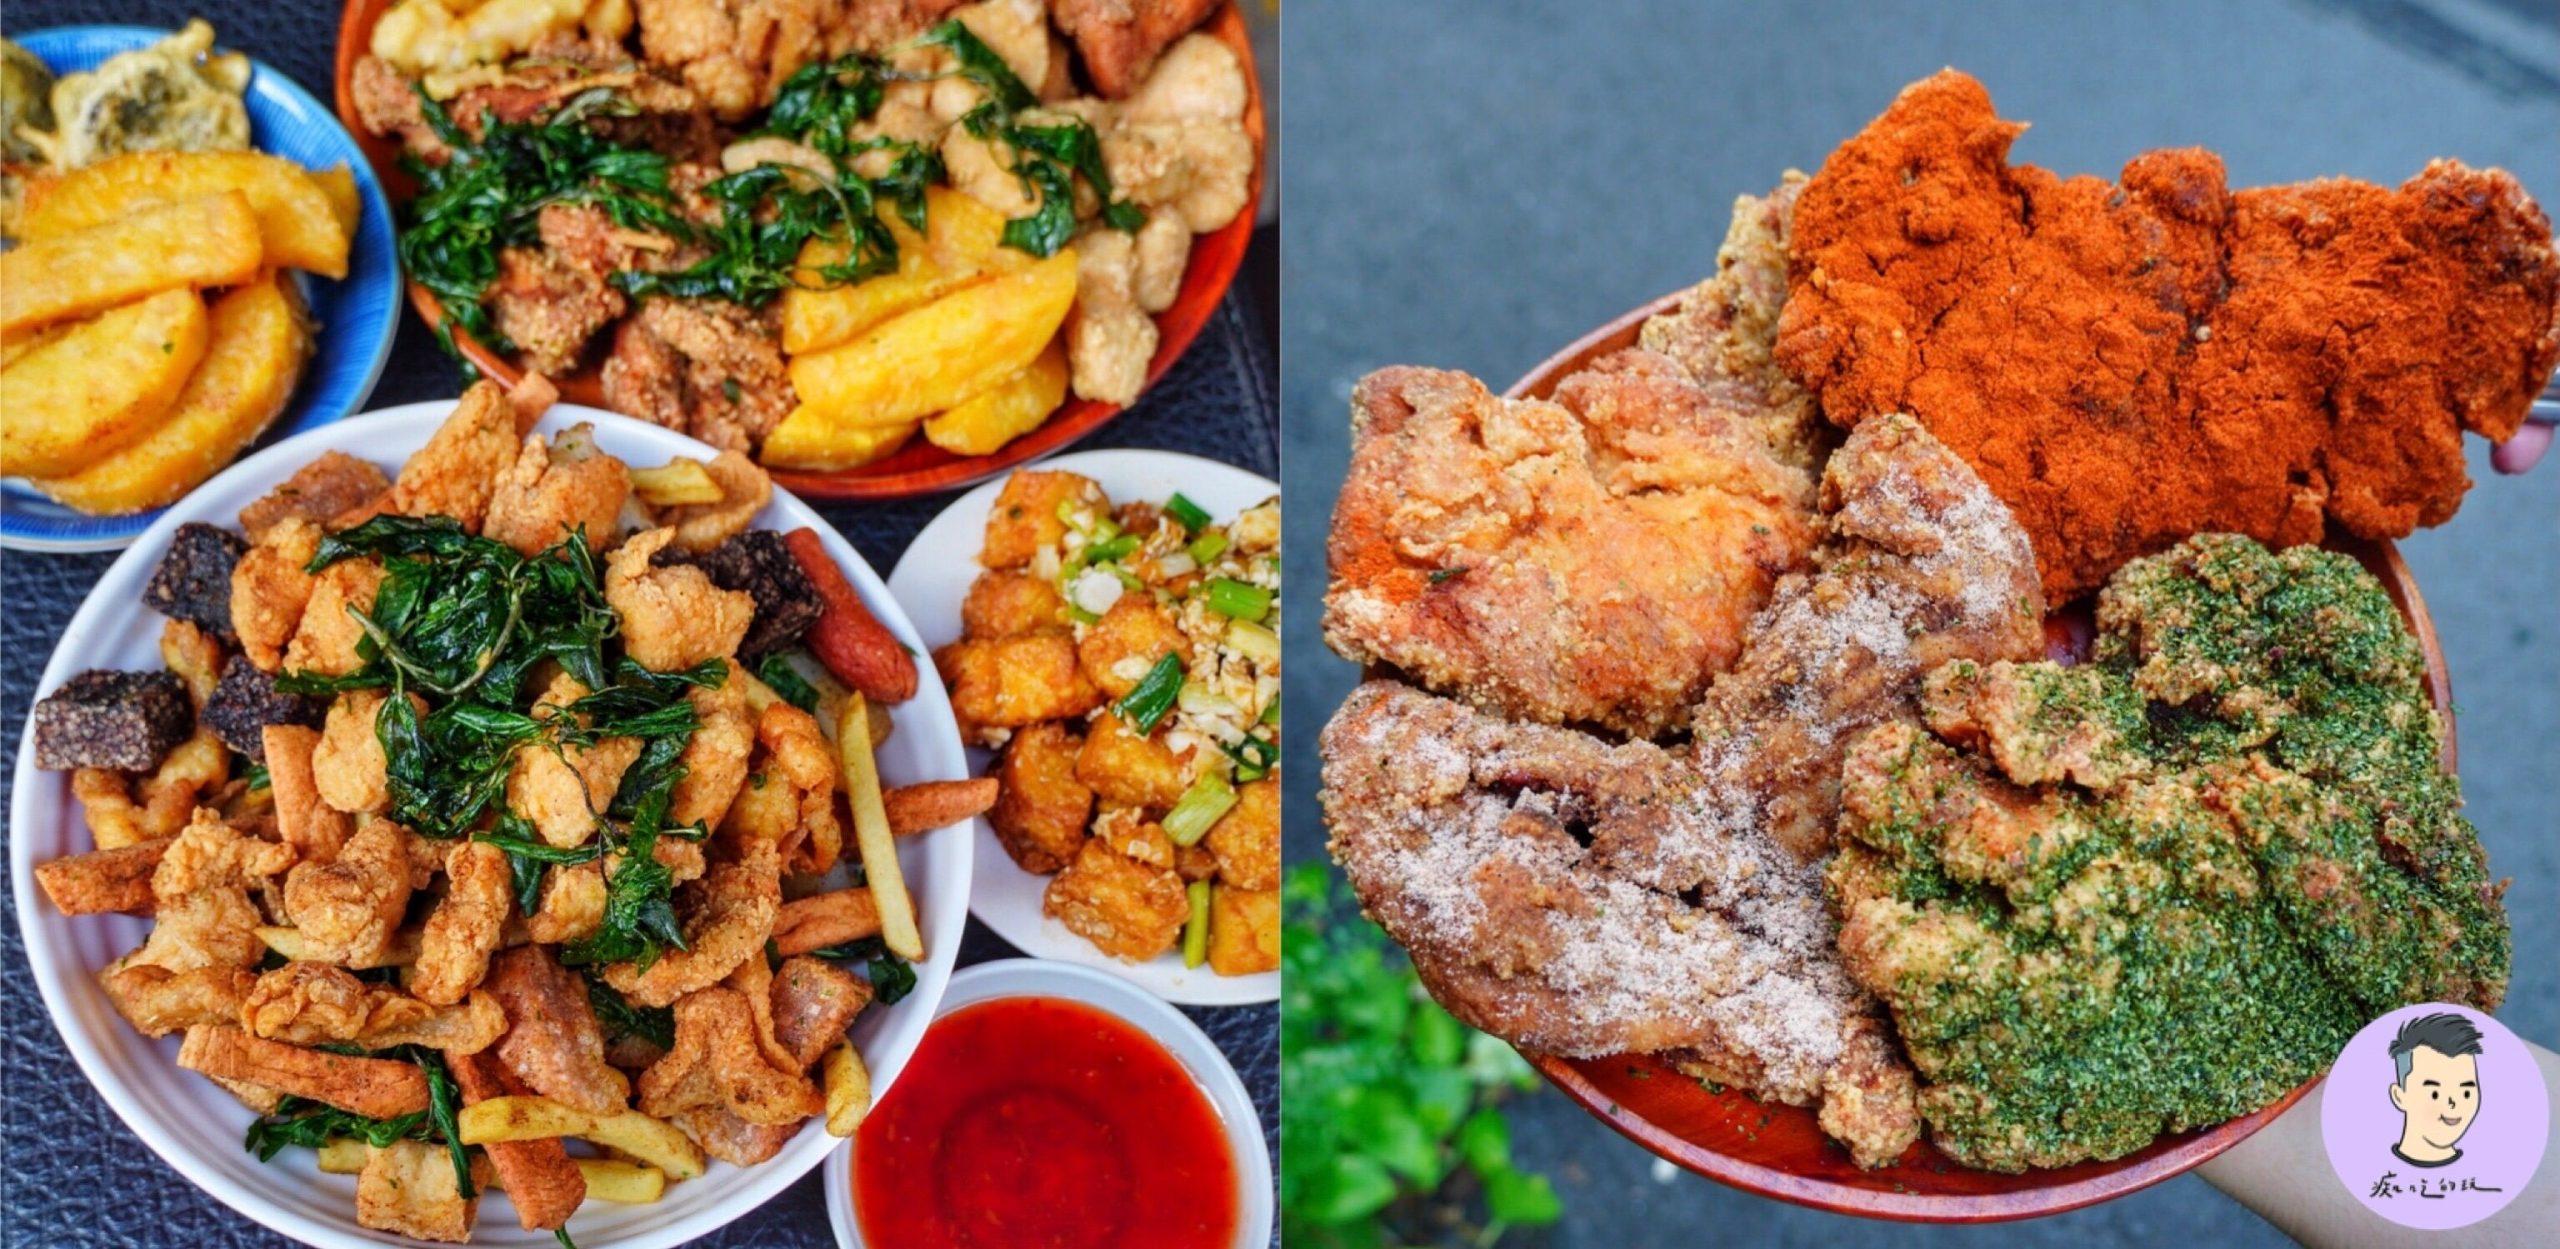 【高雄美食】南部傳統20年口味鹽酥雞老店隱藏在巷子「阿真鹽酥雞」比臉還要大的雞排 超過60種品項 宵夜就愛這味